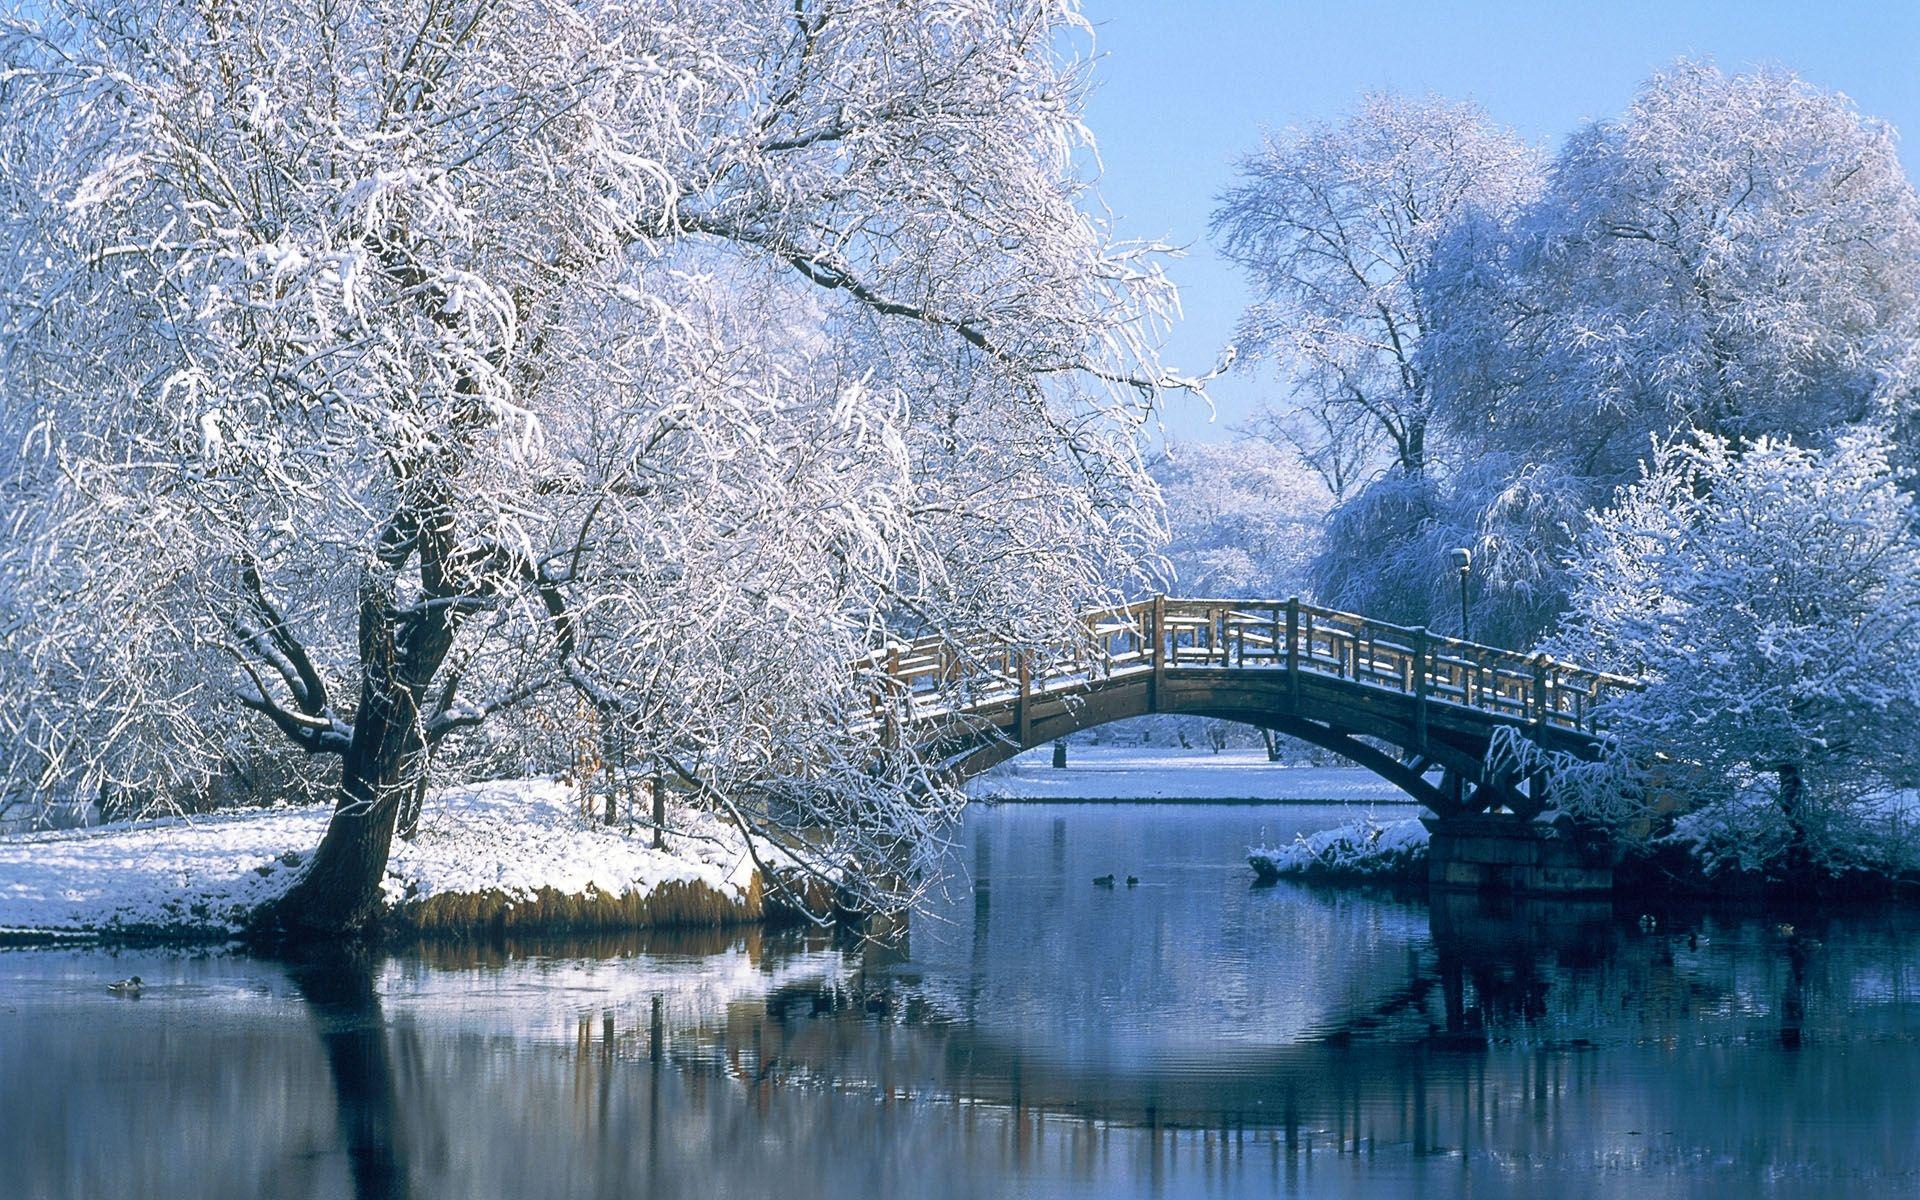 Winter Wallpaper For Pc Free Winter Wallpaper Winter Landscape Winter Wallpaper